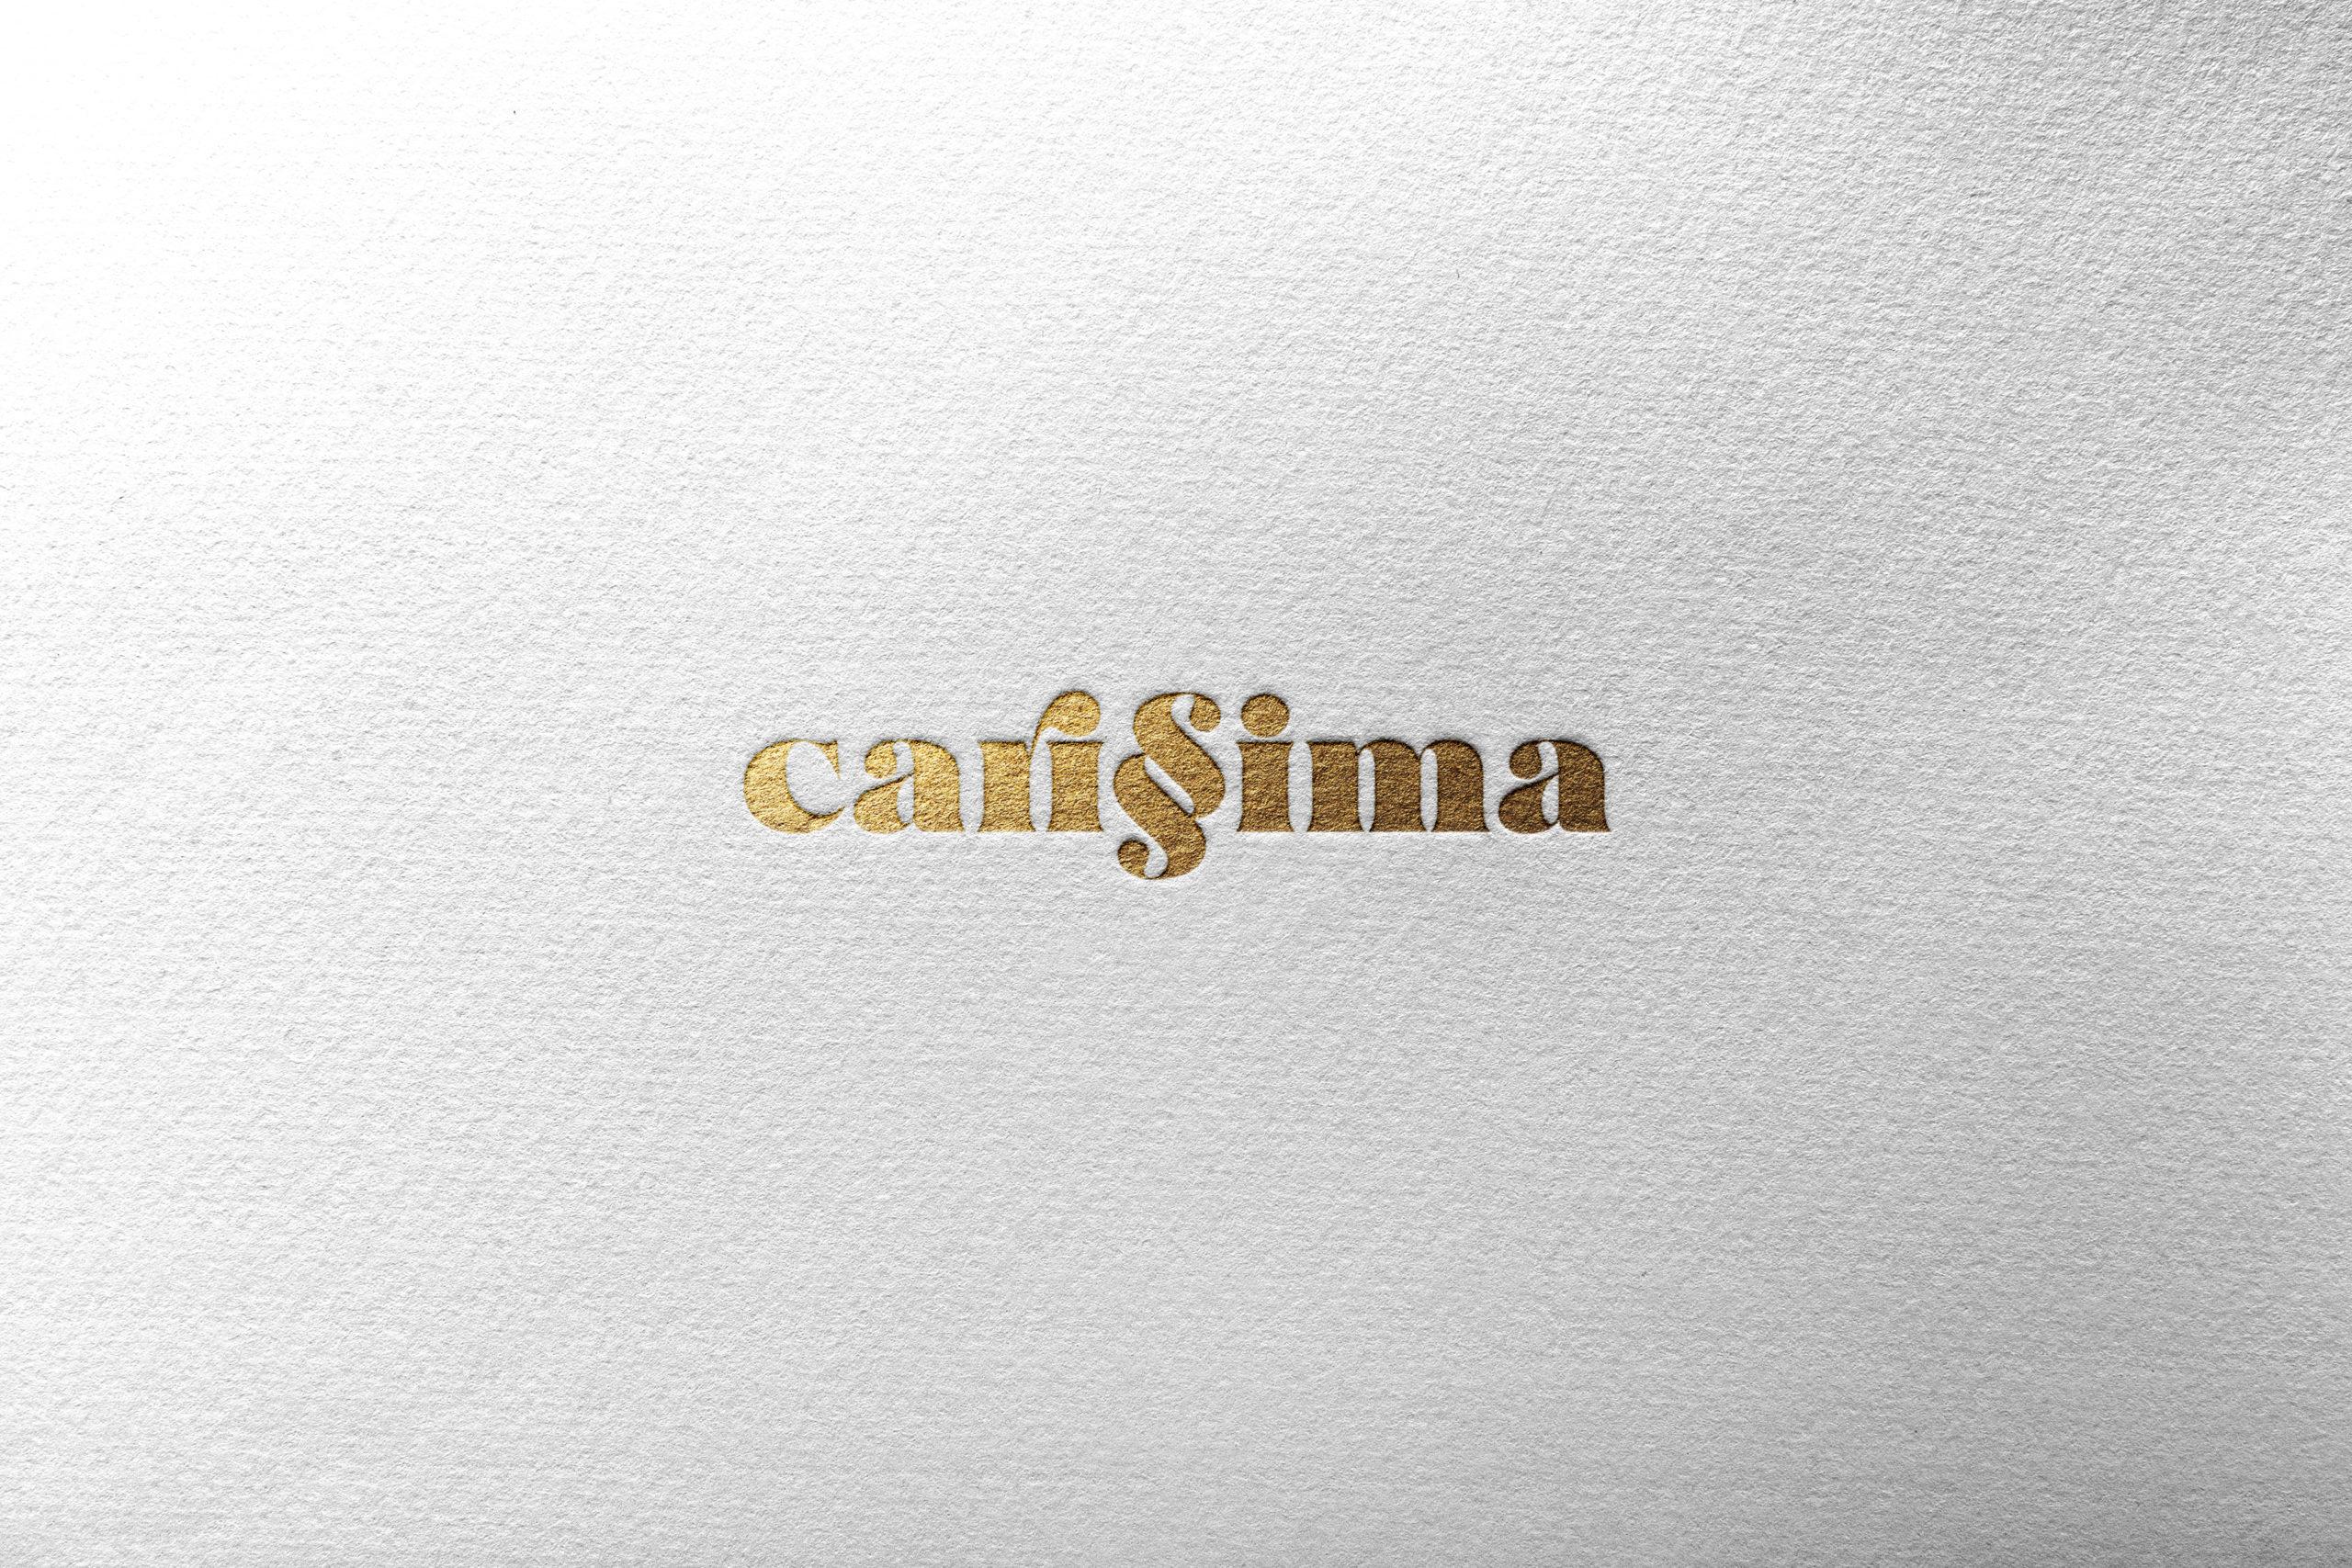 Logo carissima hélène laforêt le mans